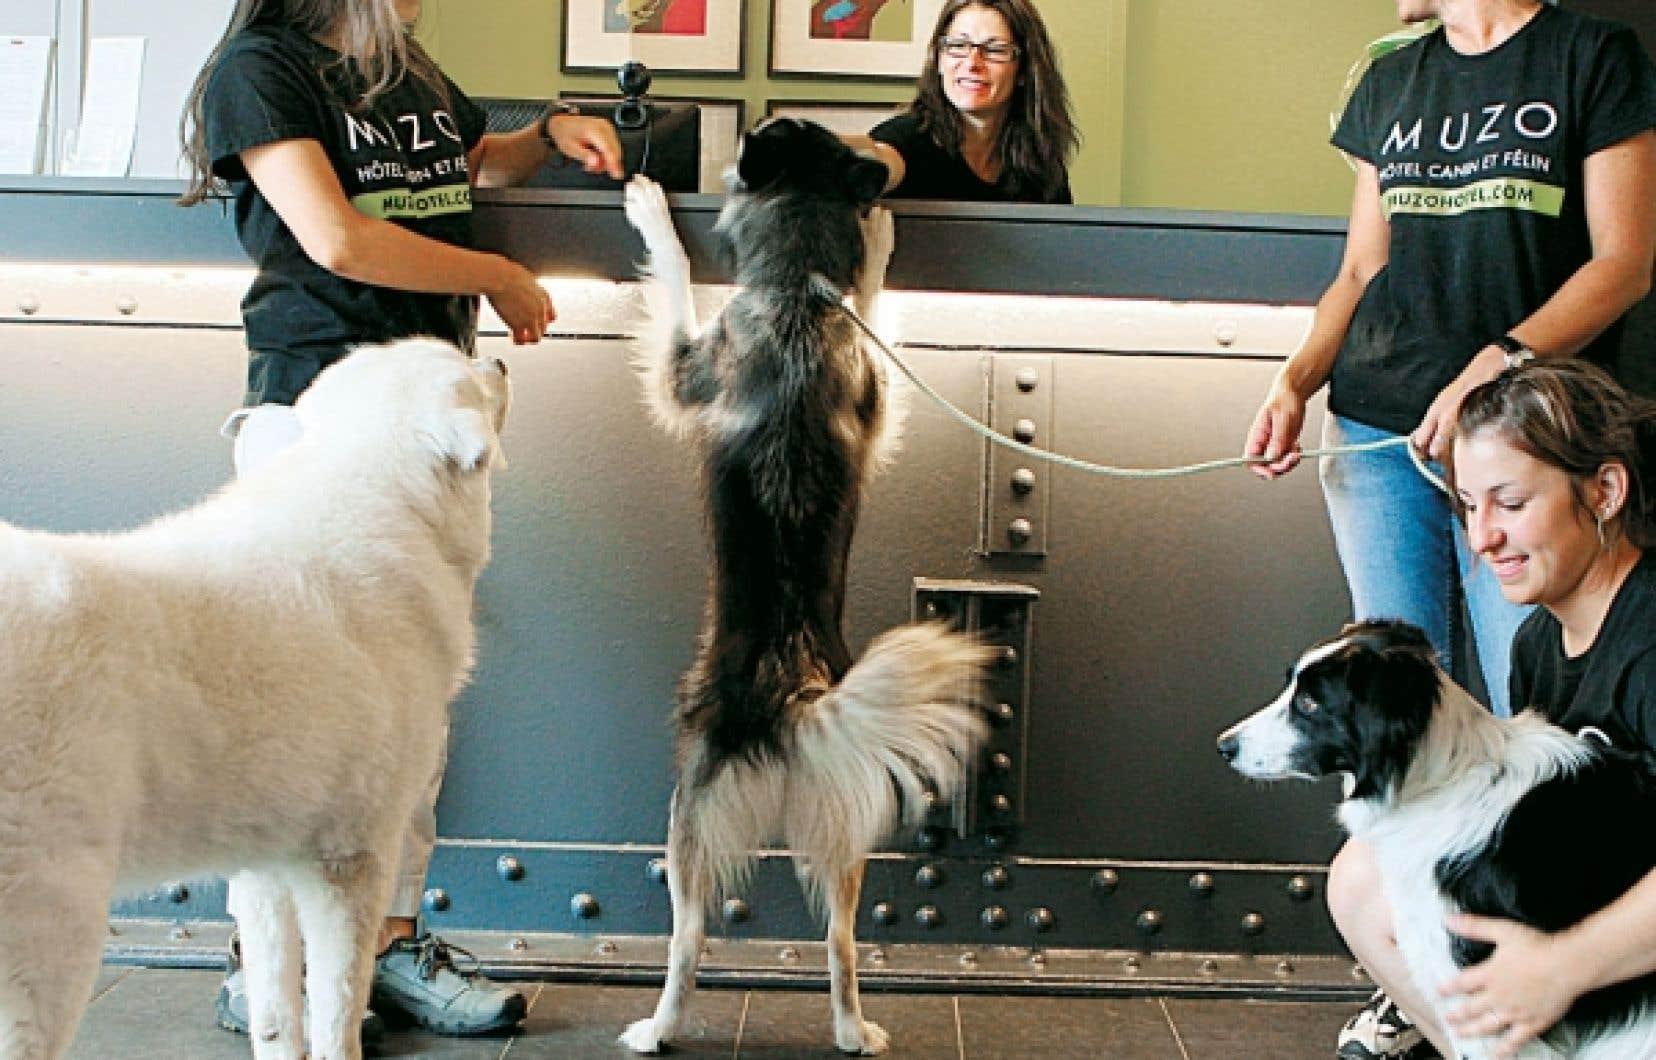 Chez MUZO, un hôtel pour animaux de compagnie à Montréal, votre chien a accès au salon de toilettage, à des cours de dressage et même à un gym !